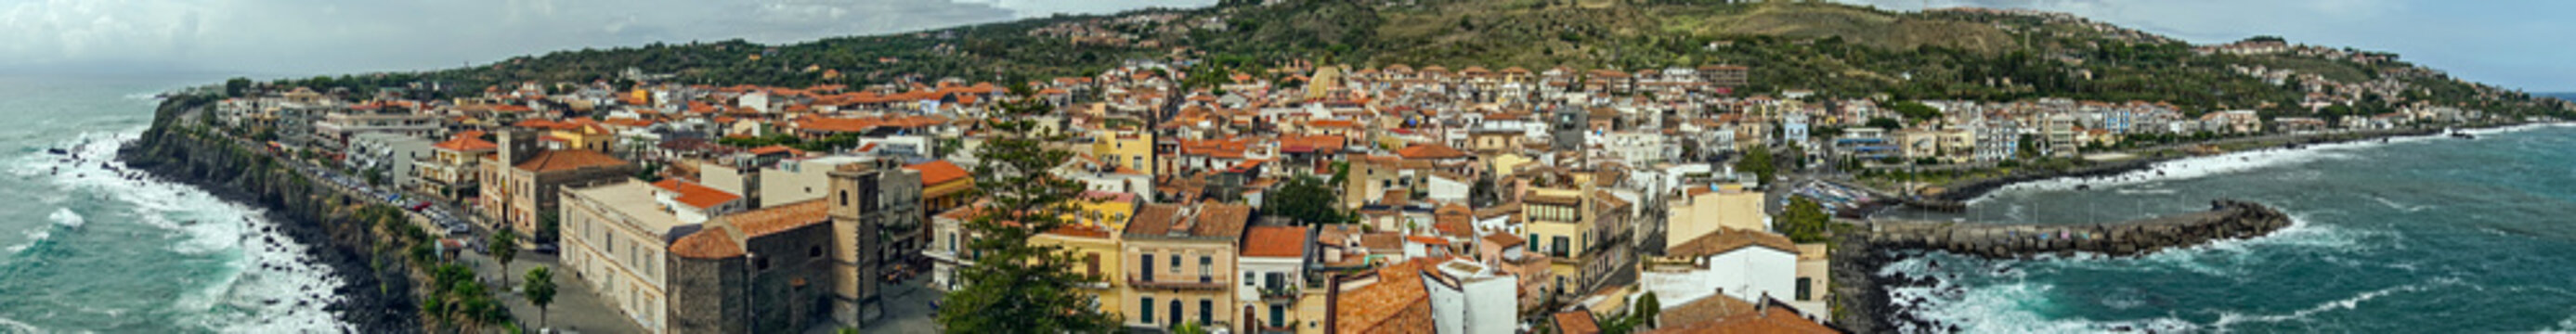 foto panoramica Acicastello 25c26